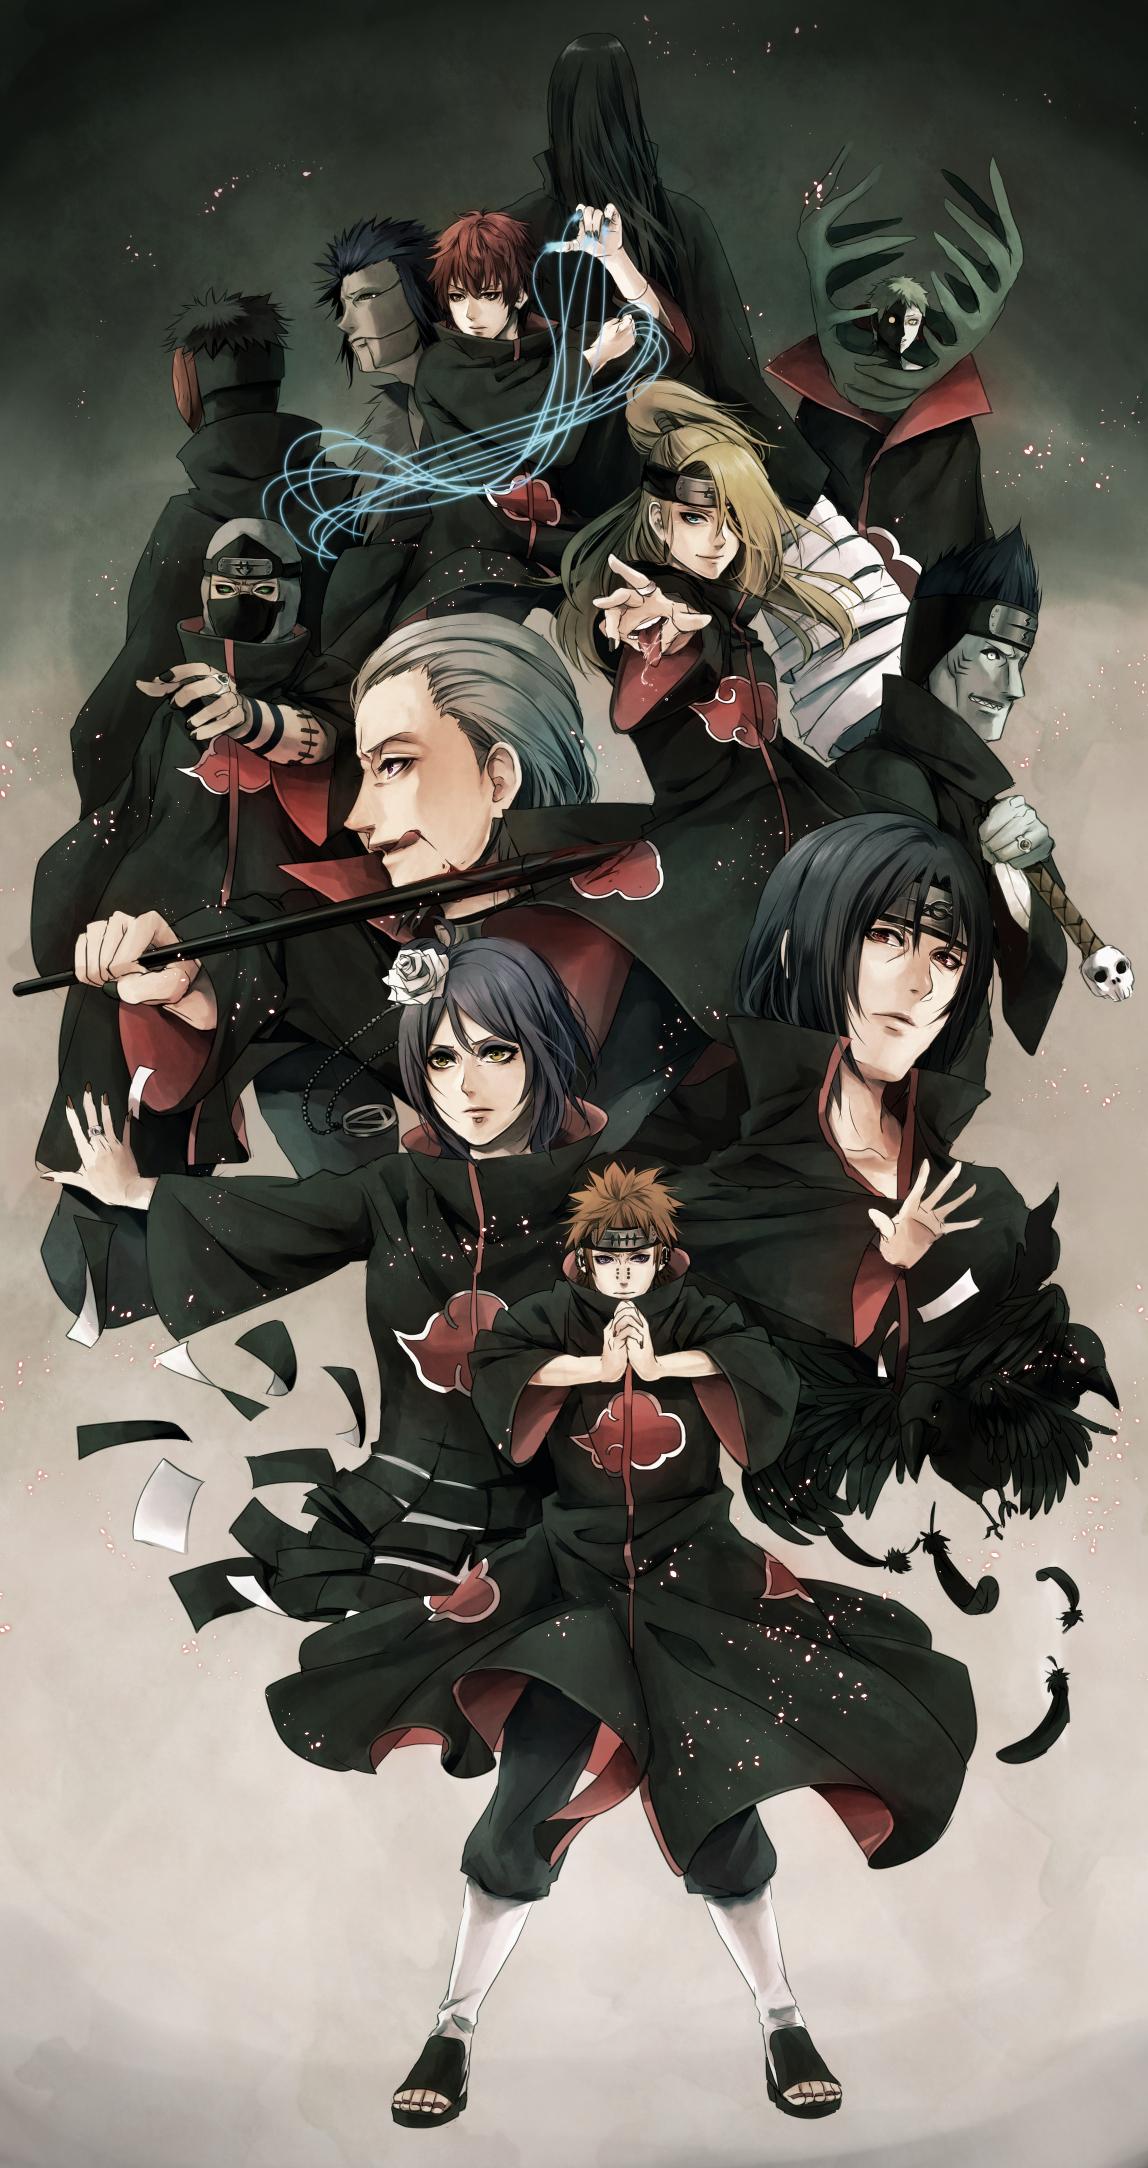 Akatsuki (NARUTO) | page 9 of 239 - Zerochan Anime Image Board